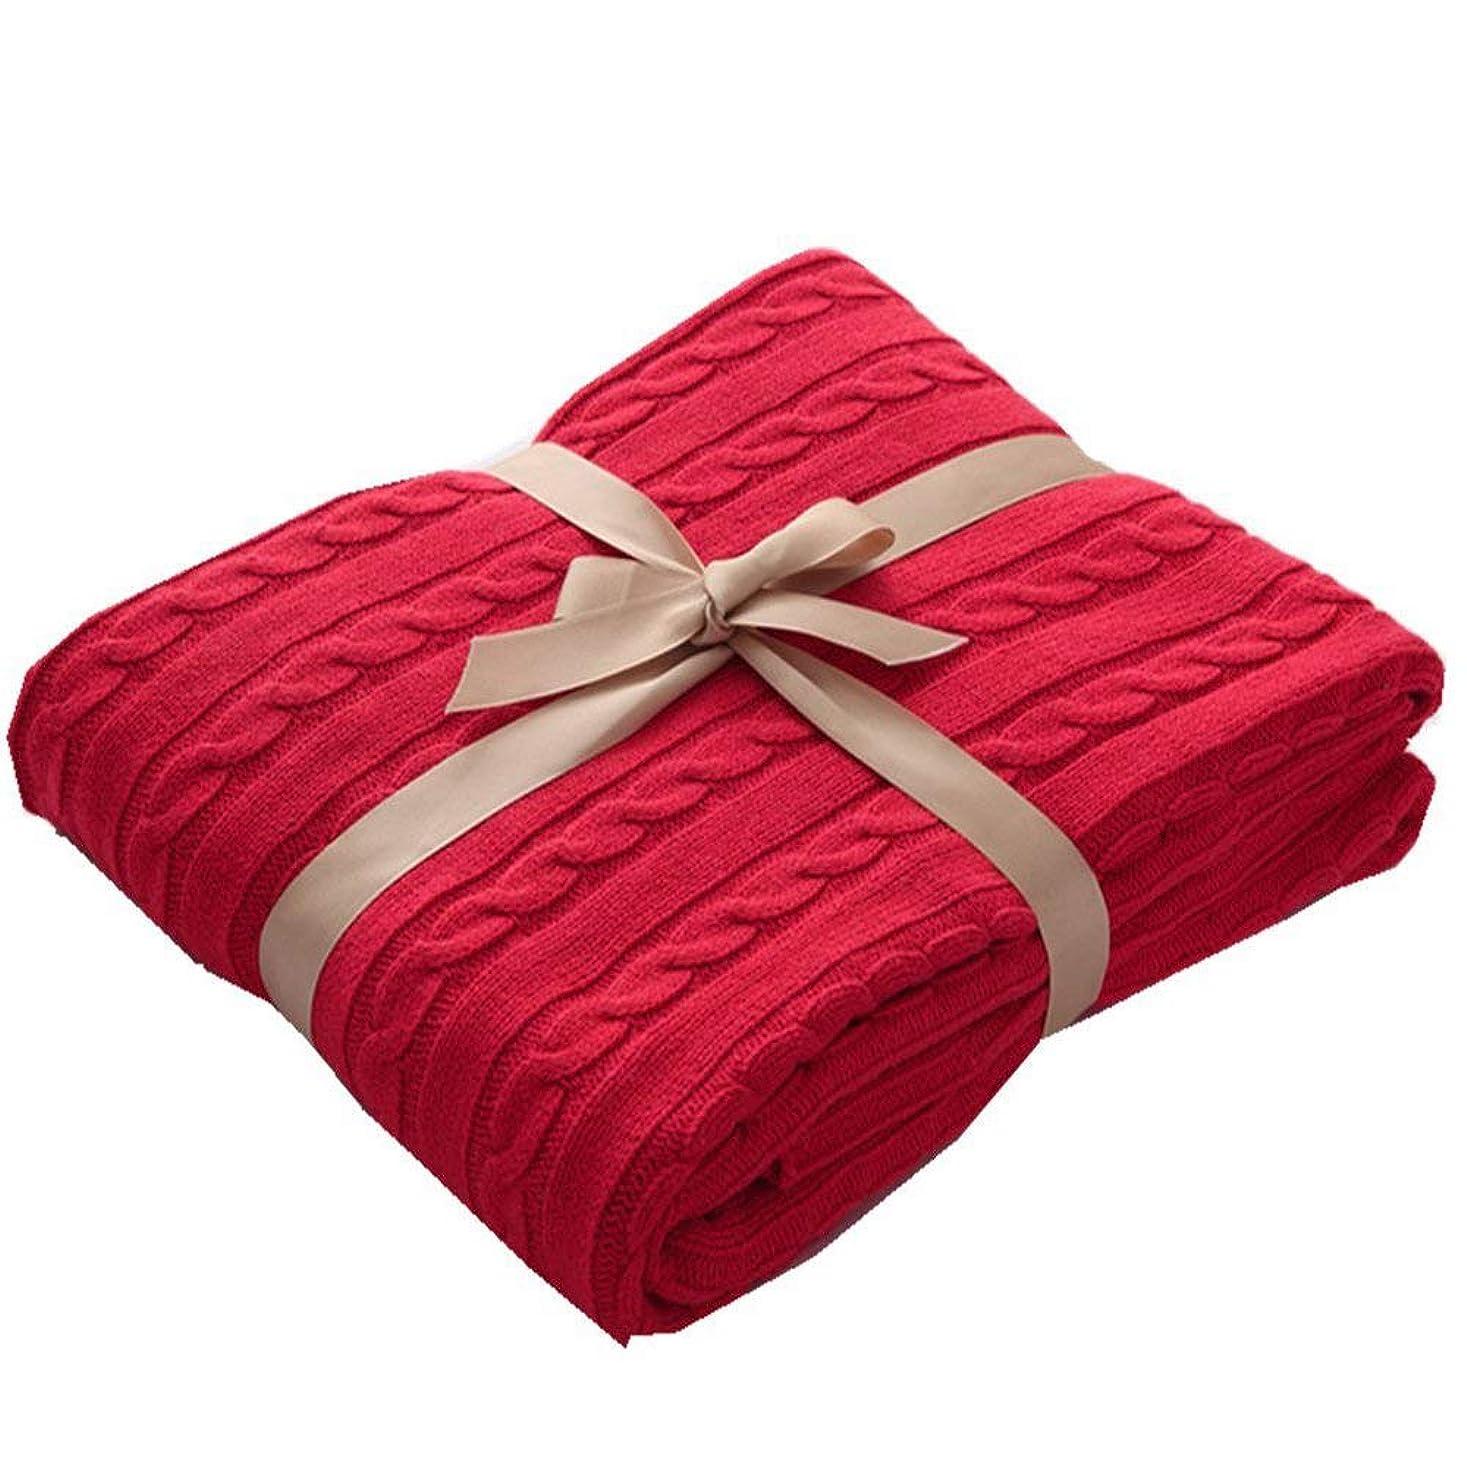 毛布 綿毛布 ソファーカバー マルチカバー ベッドカバー おしゃれ ブランケット 北欧風 綿100% 純粋綿 オールシーズン エアコン対策 大判 厚手 洗える 130x180cm (レッド, 130x180cm)